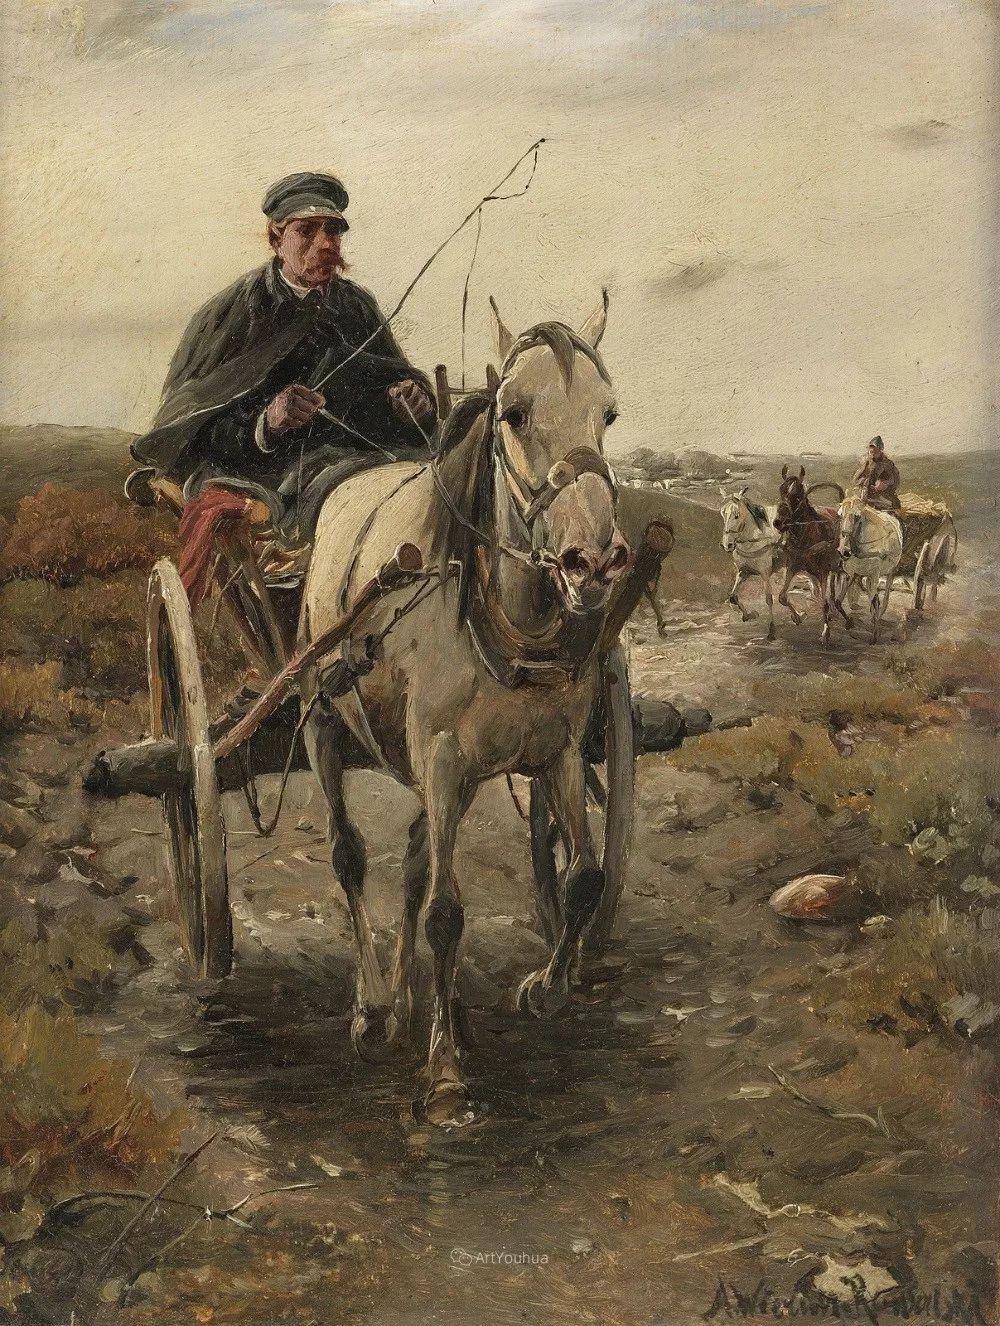 马拉雪橇,波兰艺术家科瓦尔斯基插图12